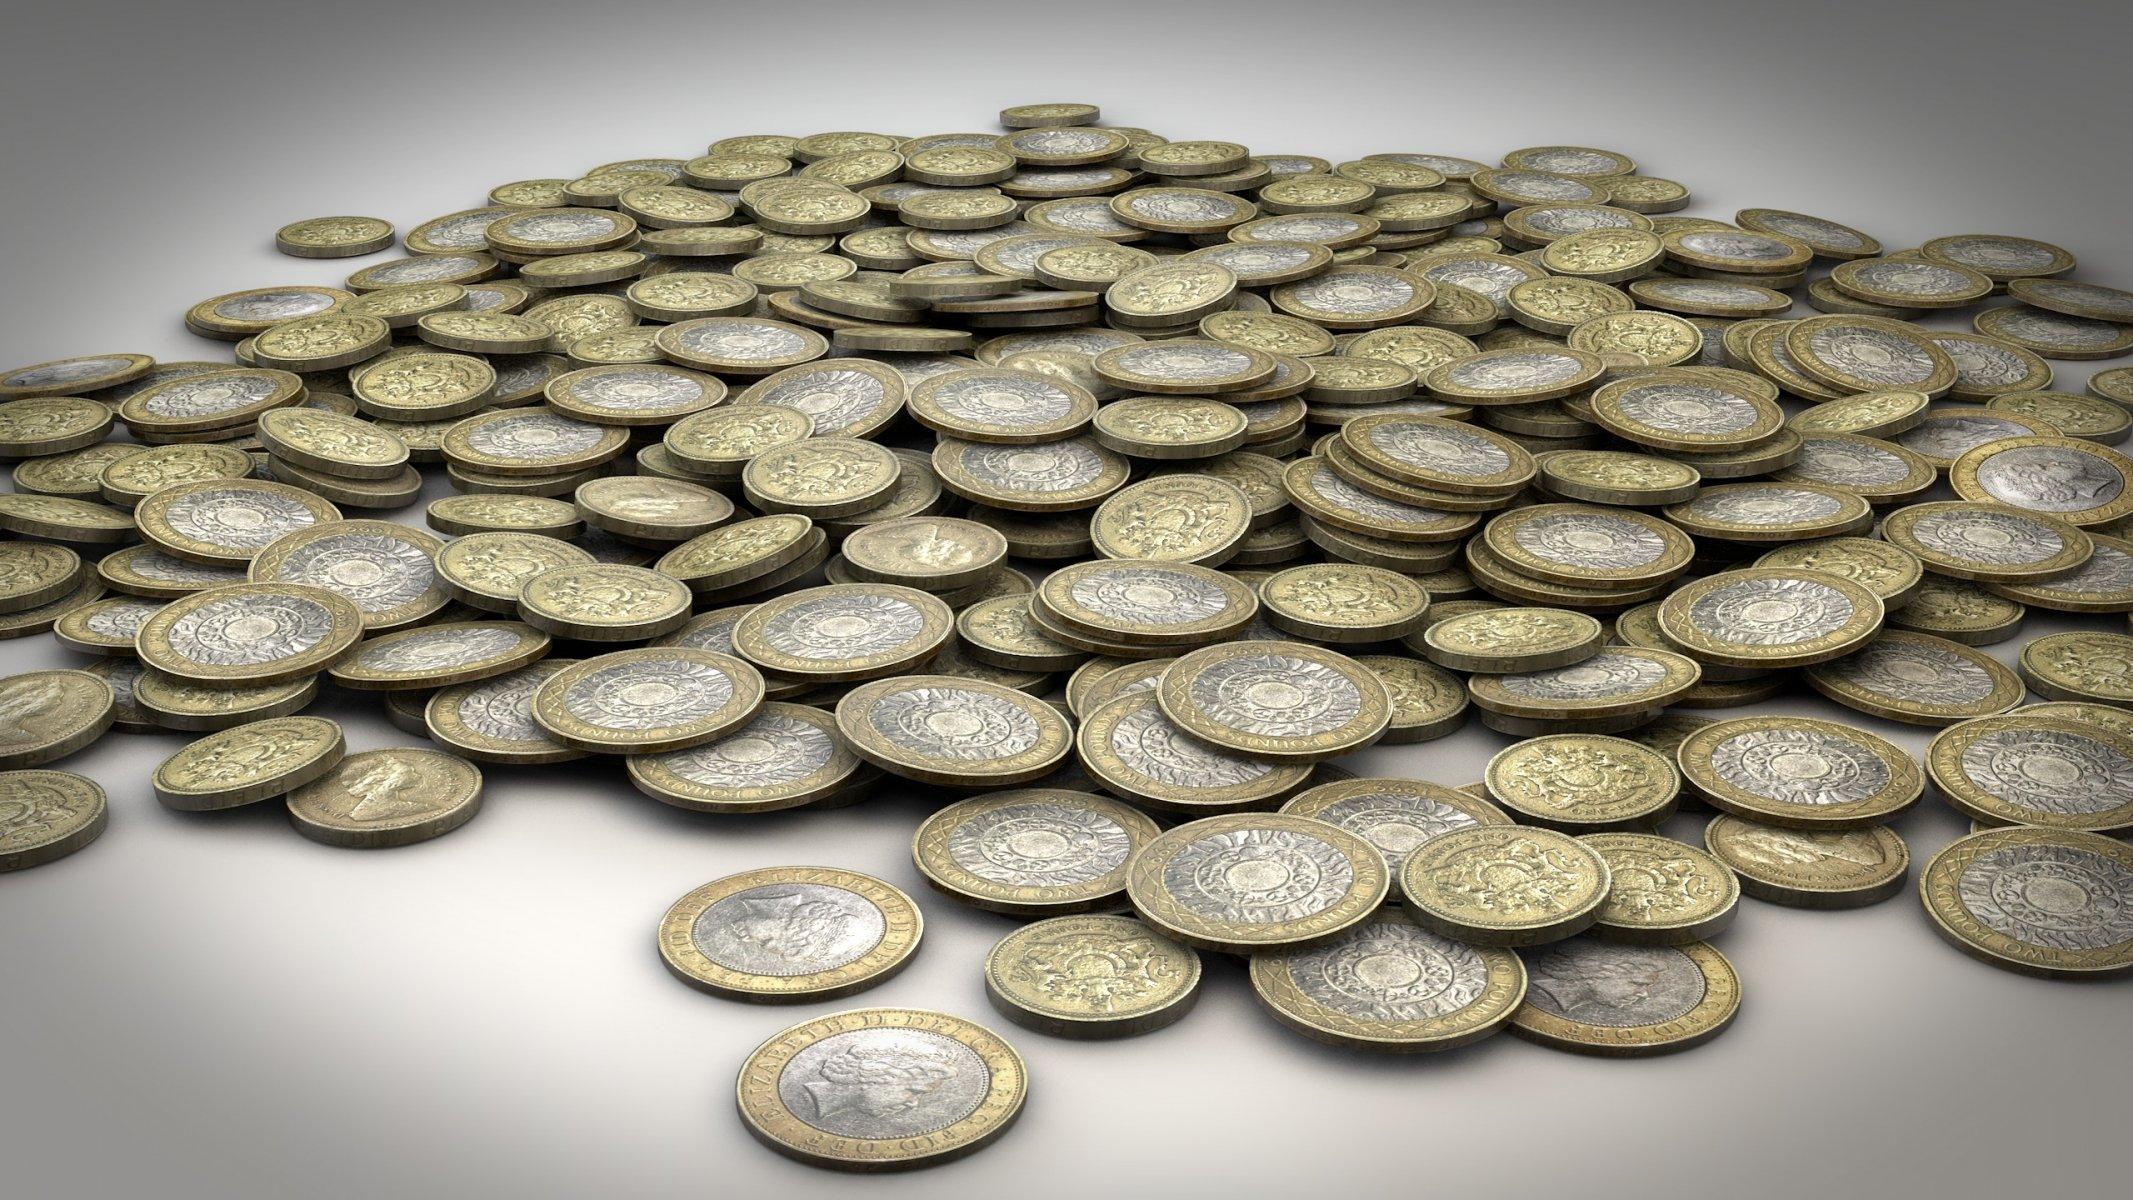 картинка монет много вместо